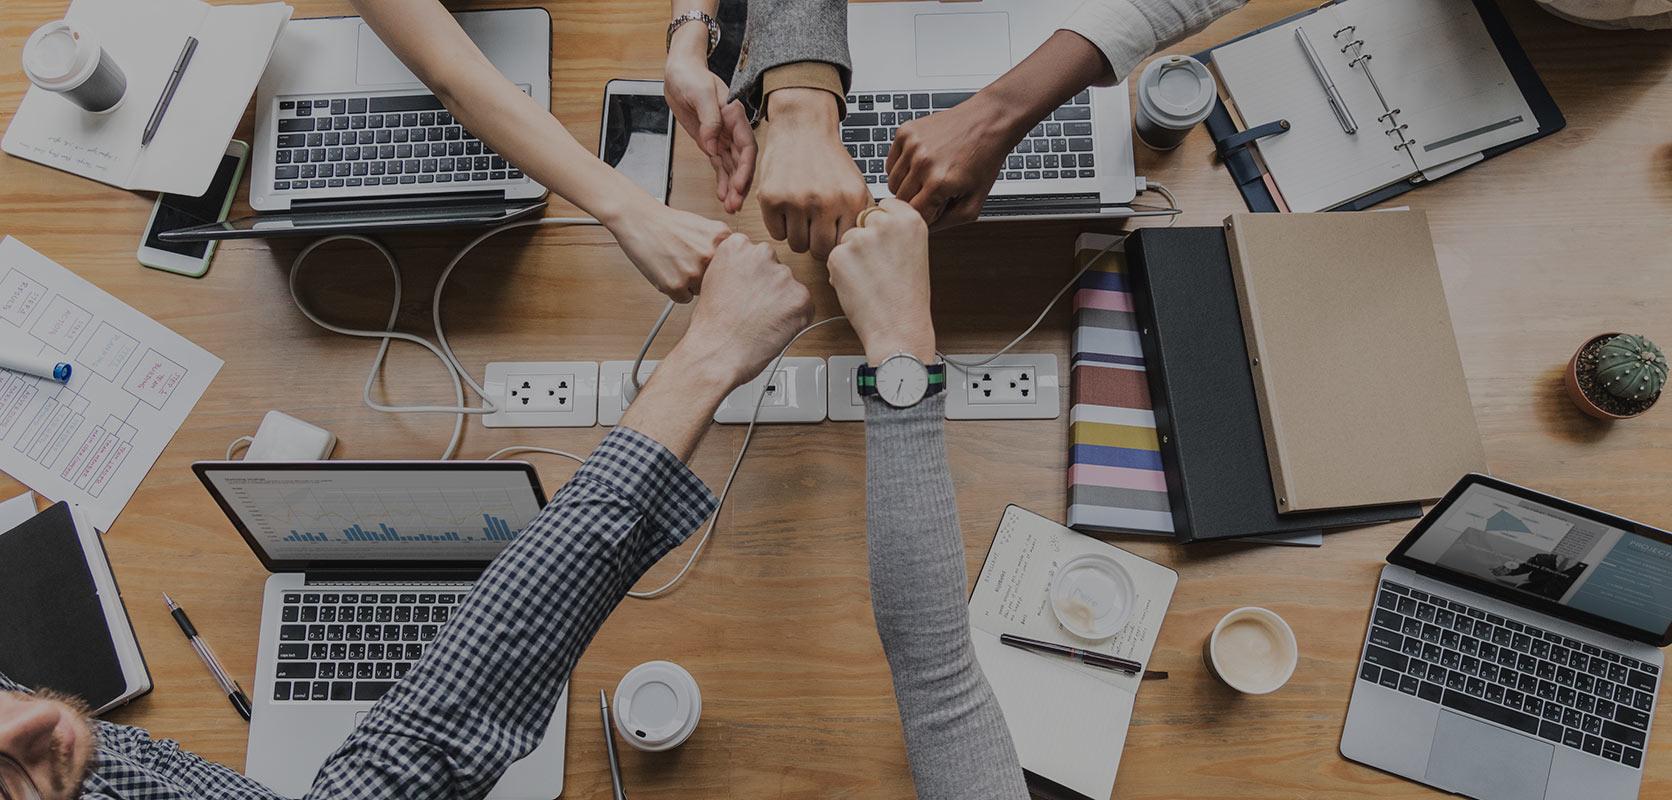 La clave para transformar una empresa está en sus empleados